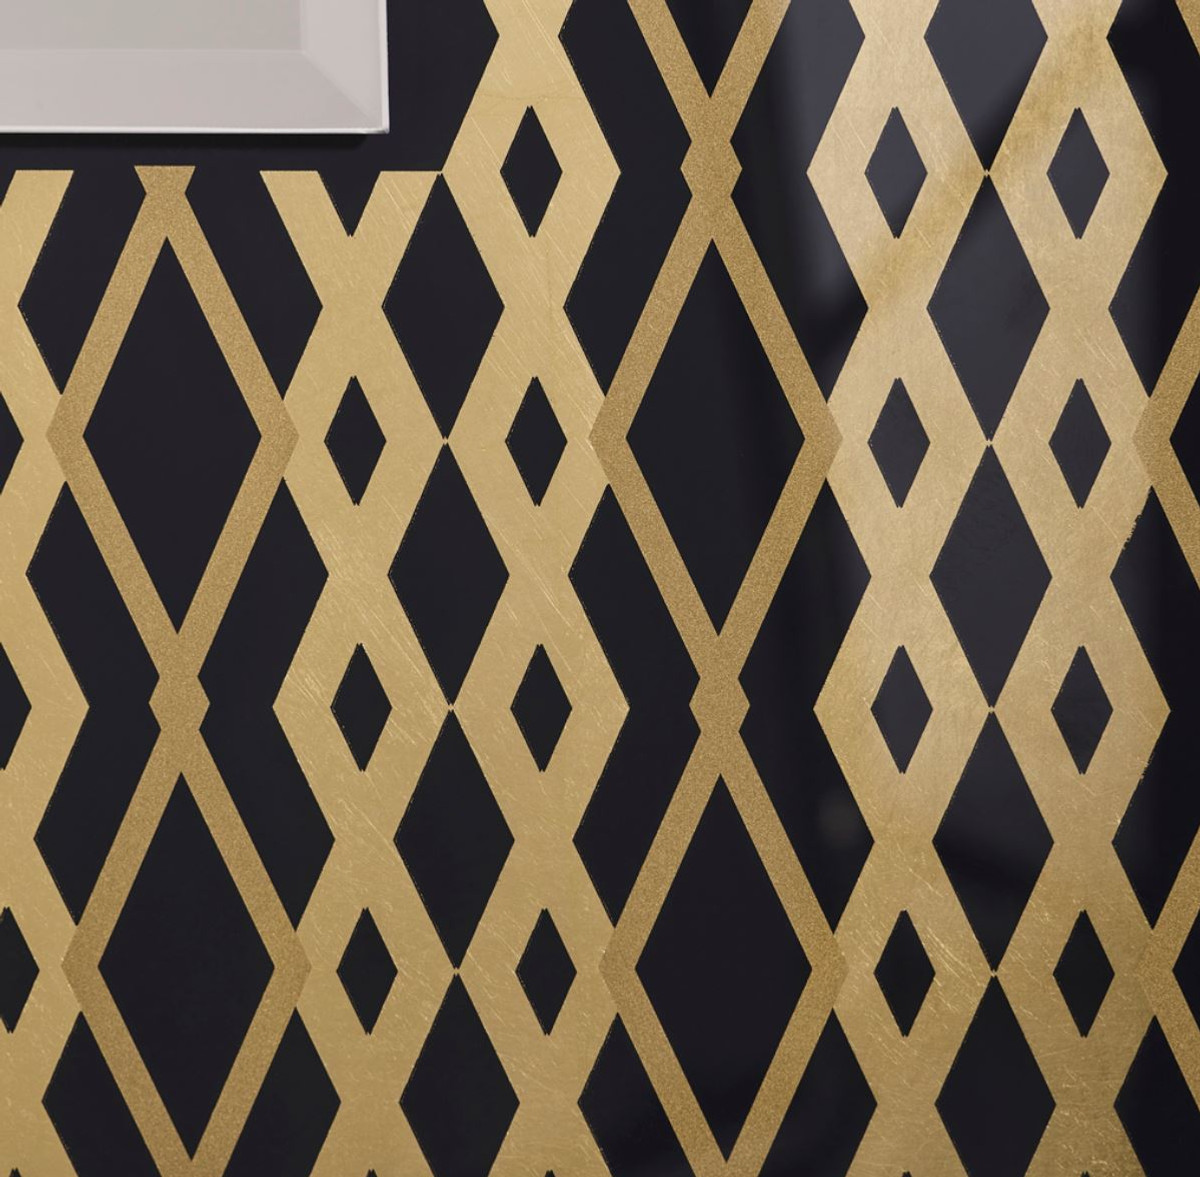 Casa Padrino Designer Wandspiegel Schwarz / Bronze / Gold 99 x H. 127 cm - Wohnzimmer Spiegel - Garderoben Spiegel - Luxus Qualität 2